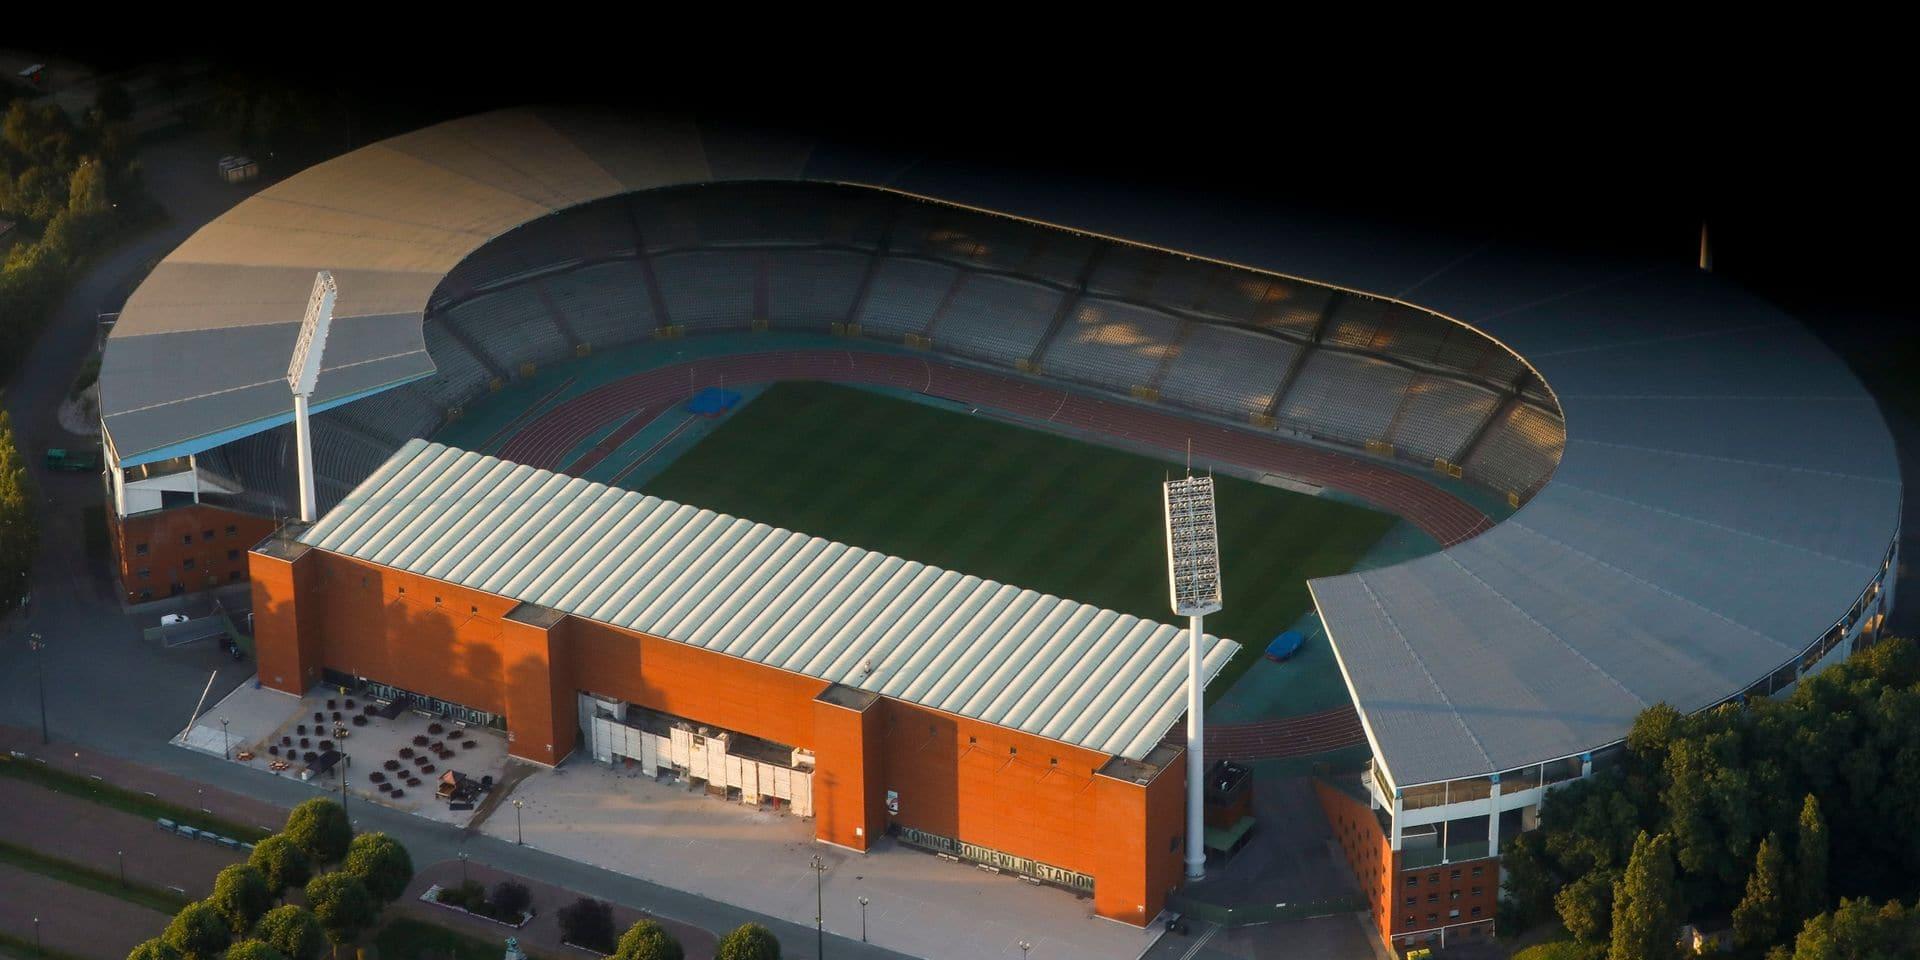 L'UEFA revient sur sa décision : 11 000 spectateurs seront autorisés au stade Roi Baudouin pour Belgique - Côte d'Ivoire !